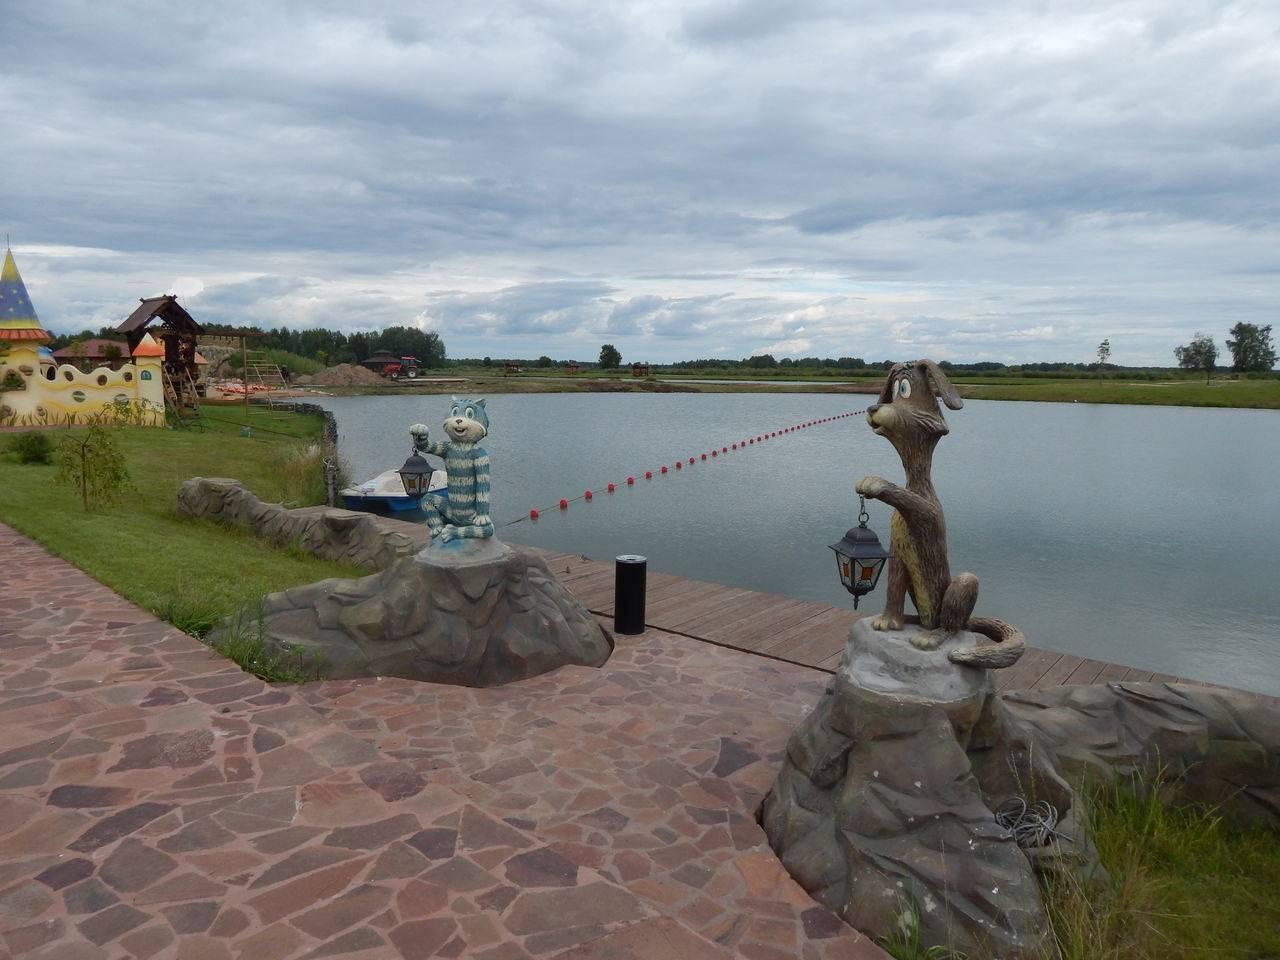 Ихтиолог - рыбалка в подмосковье. наши отзывы и фото рыболовной базы